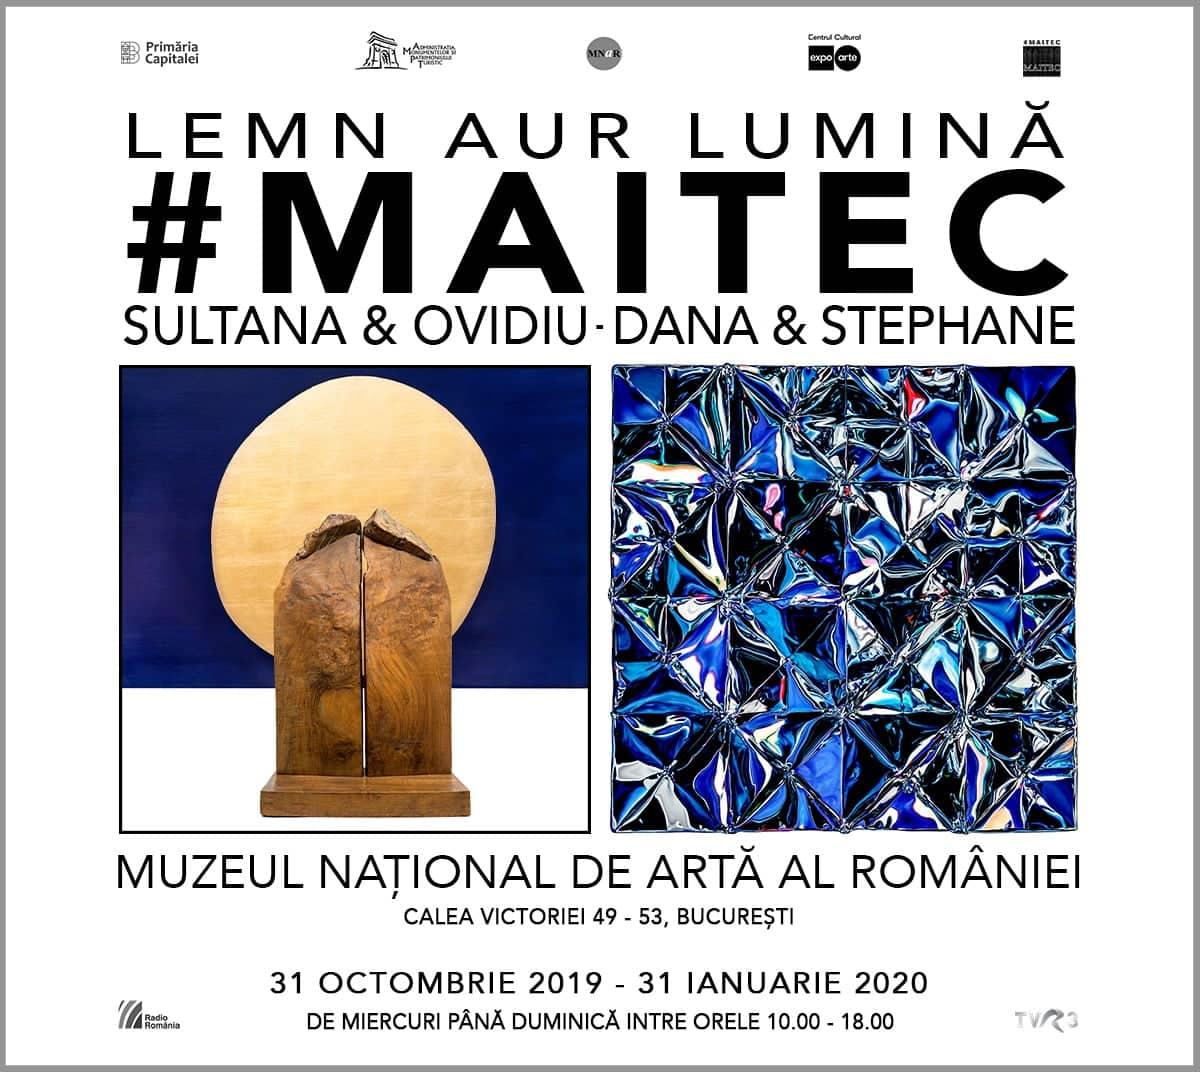 Povestea Maitec în expoziția Lemn Aur Lumină, la Muzeul Național de Artă al României